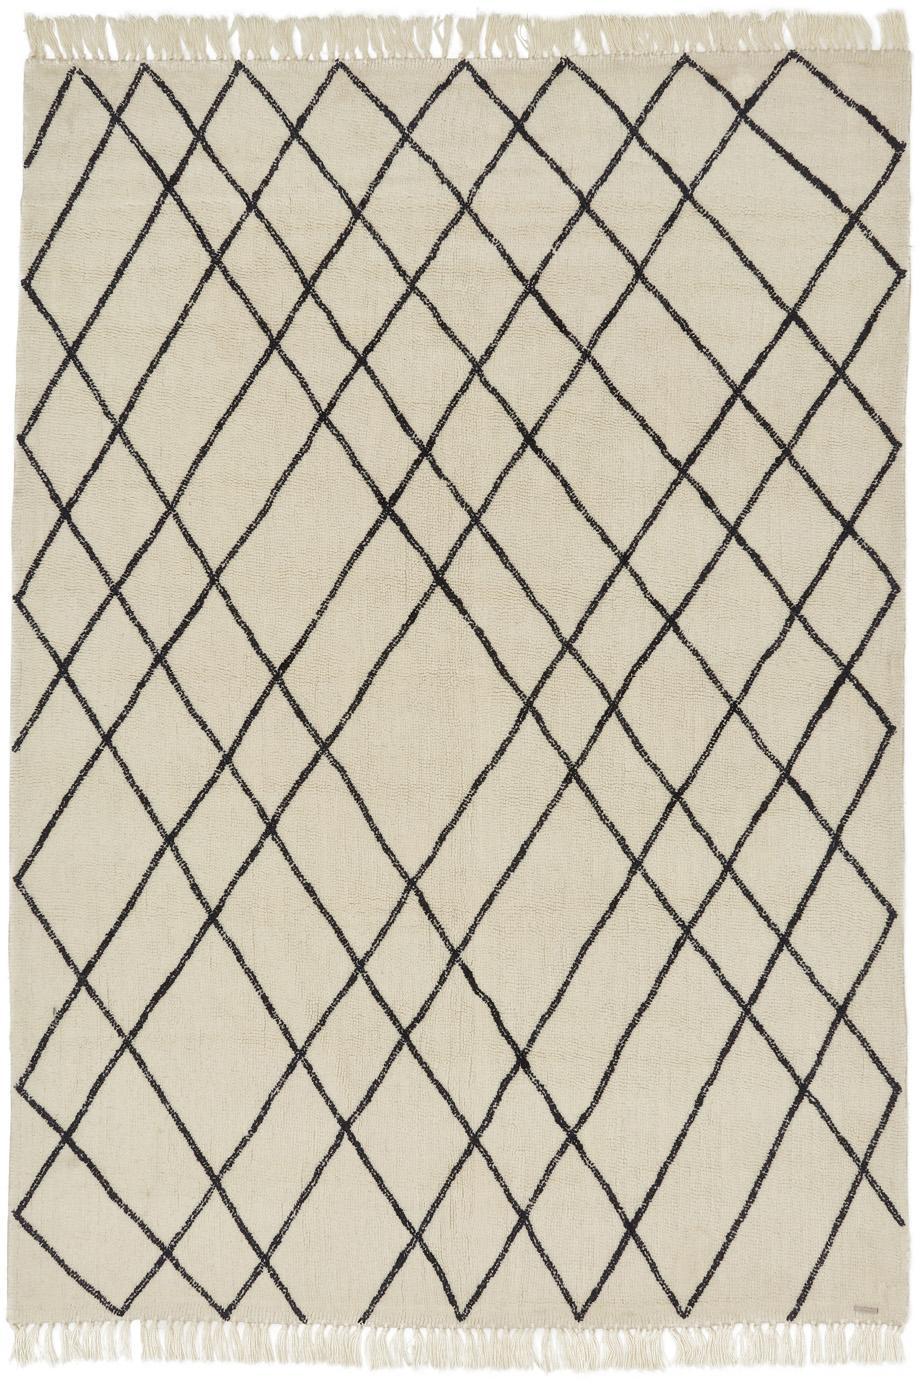 Dywan z wełny Graphic Nature, Kremowy, czarny, nieregularny wzór, S 200 x D 300 cm (Rozmiar L)